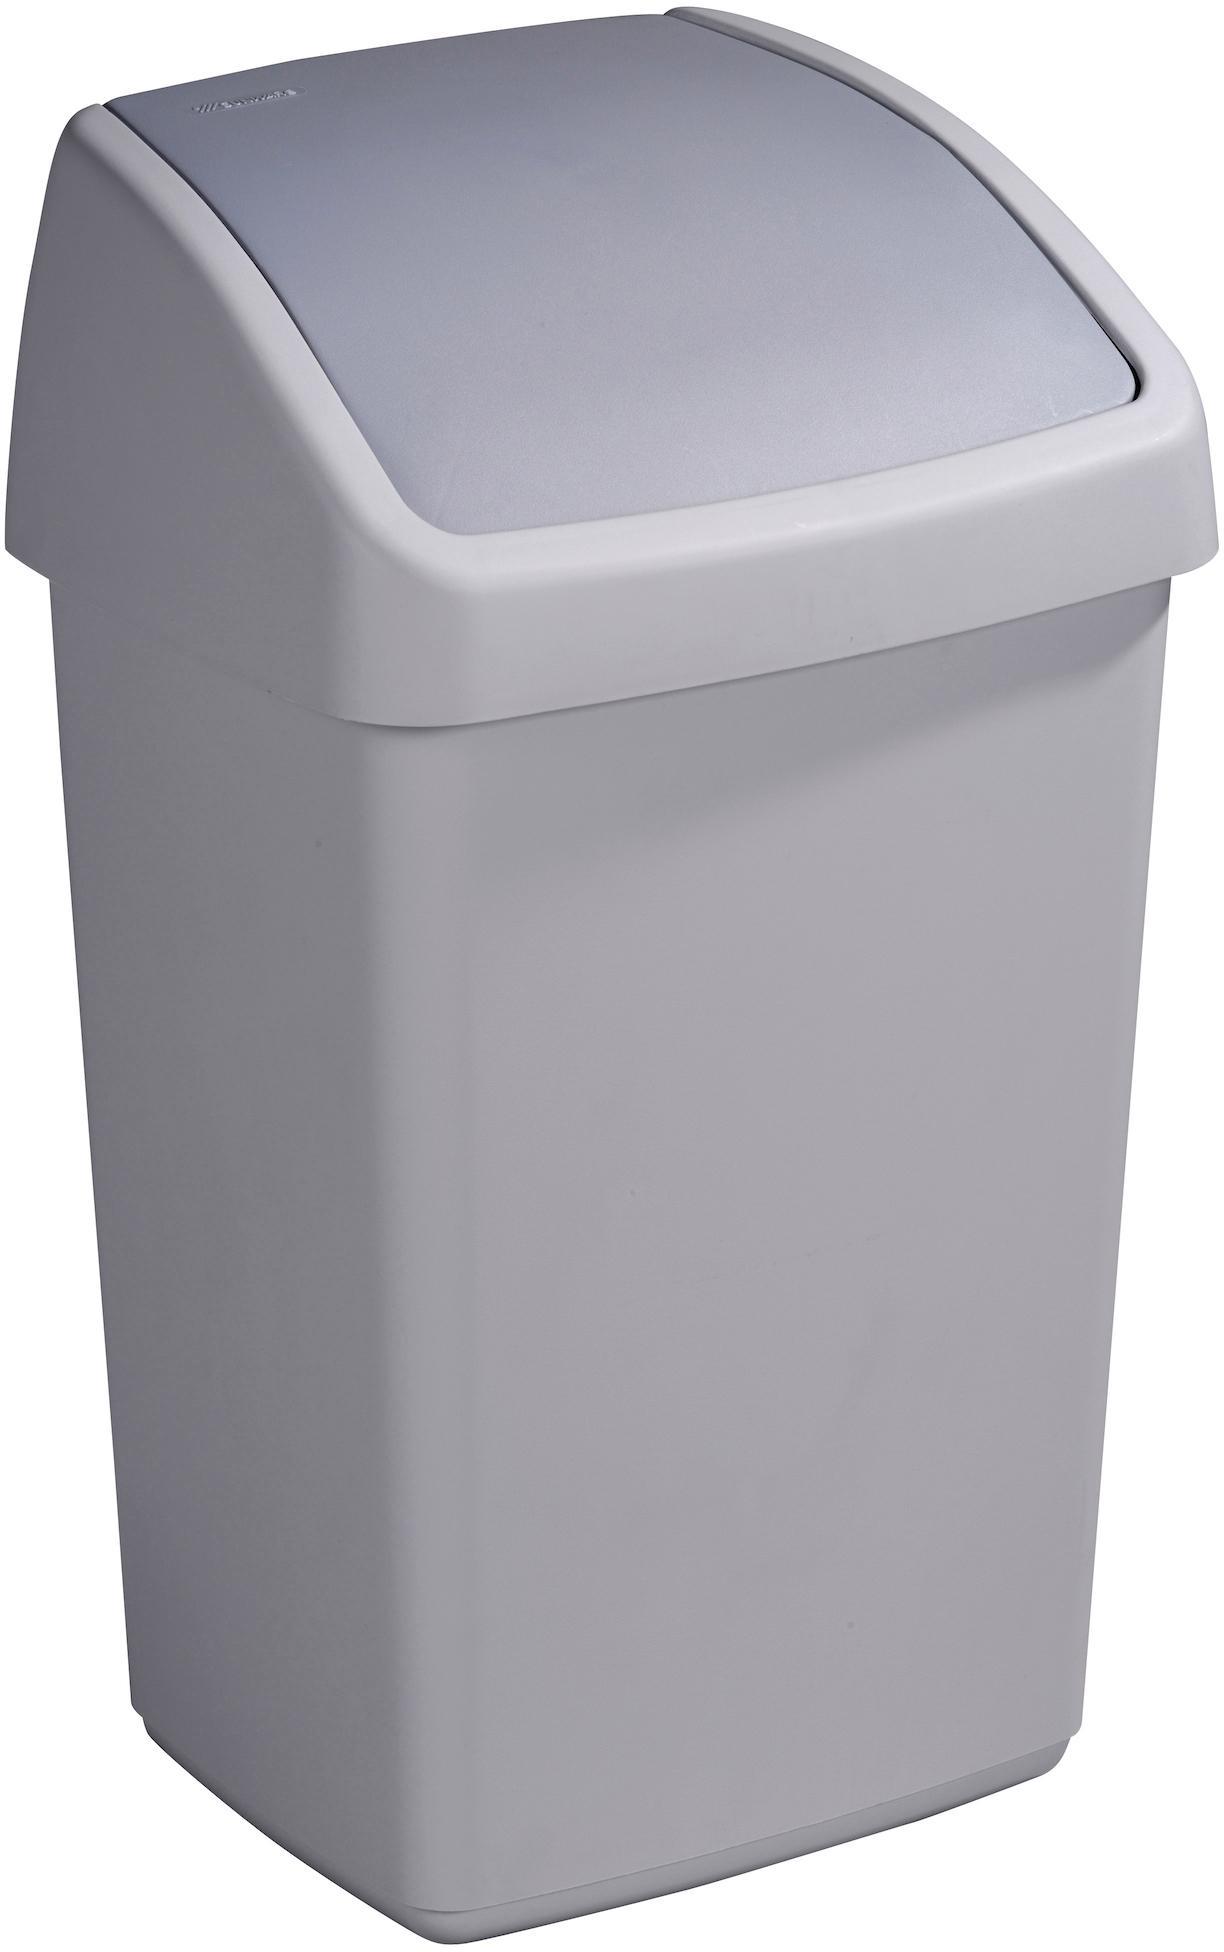 Sunware Mülleimer ´´Delta´´ | Küche und Esszimmer > Küchen-Zubehör > Mülleimer | Grau | Sunware